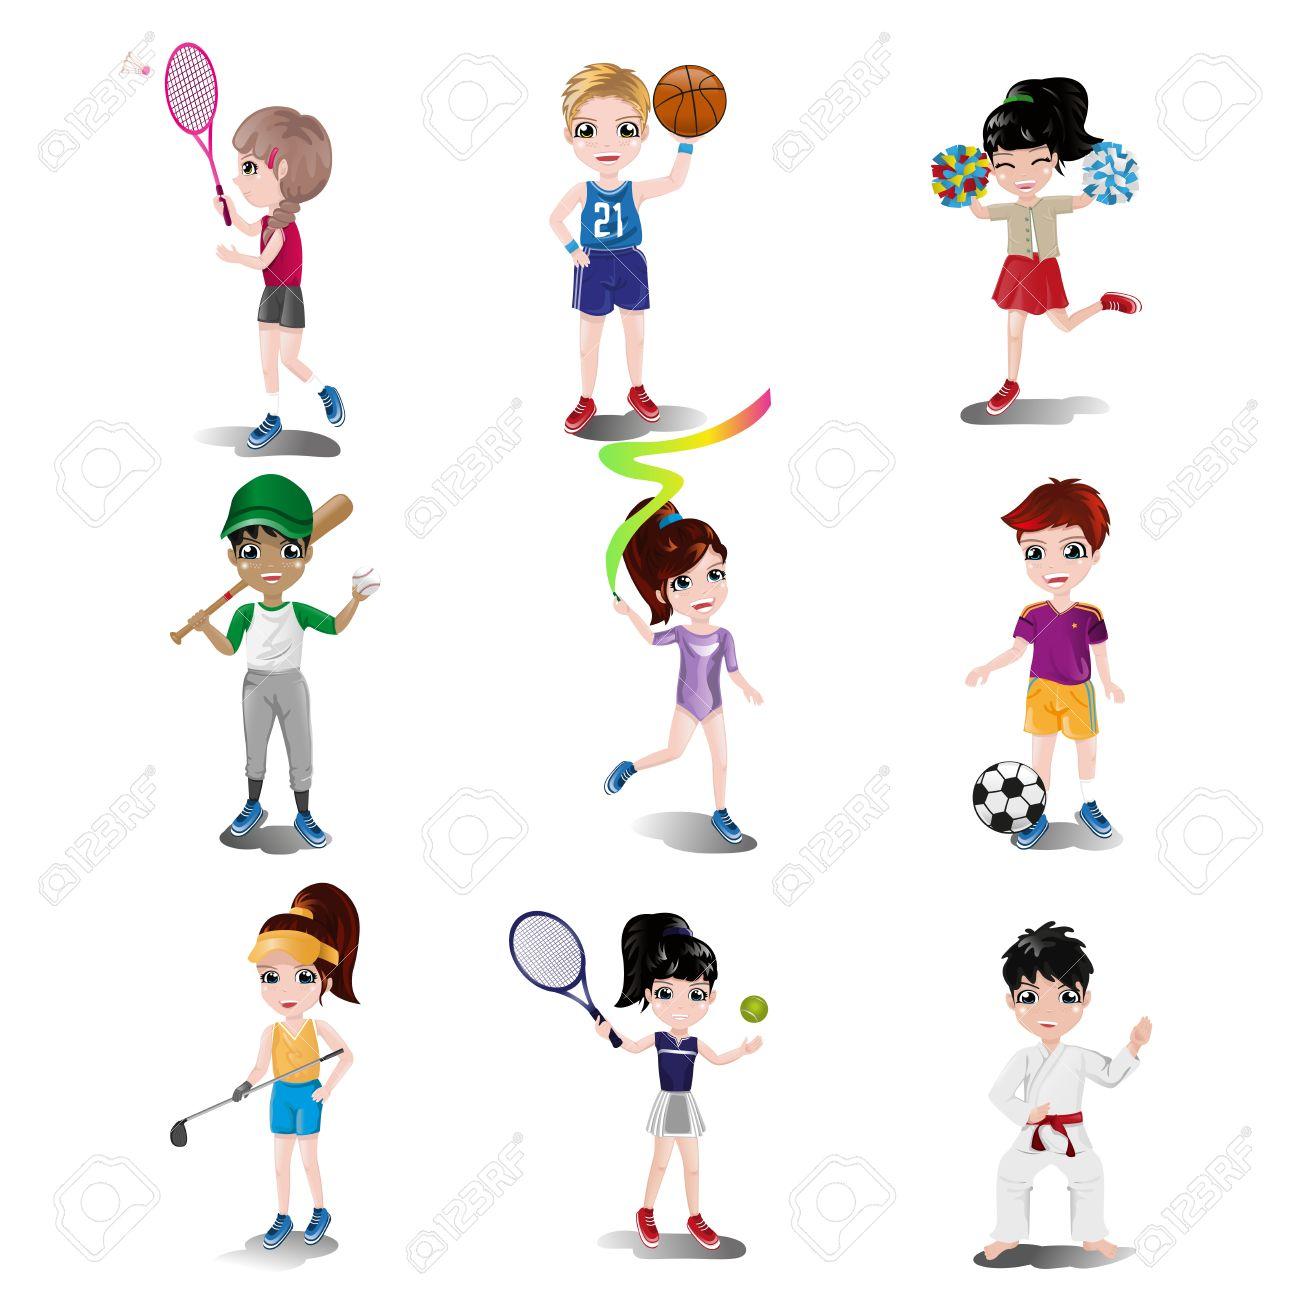 子供の運動やさまざまなスポーツのイラスト ロイヤリティフリー